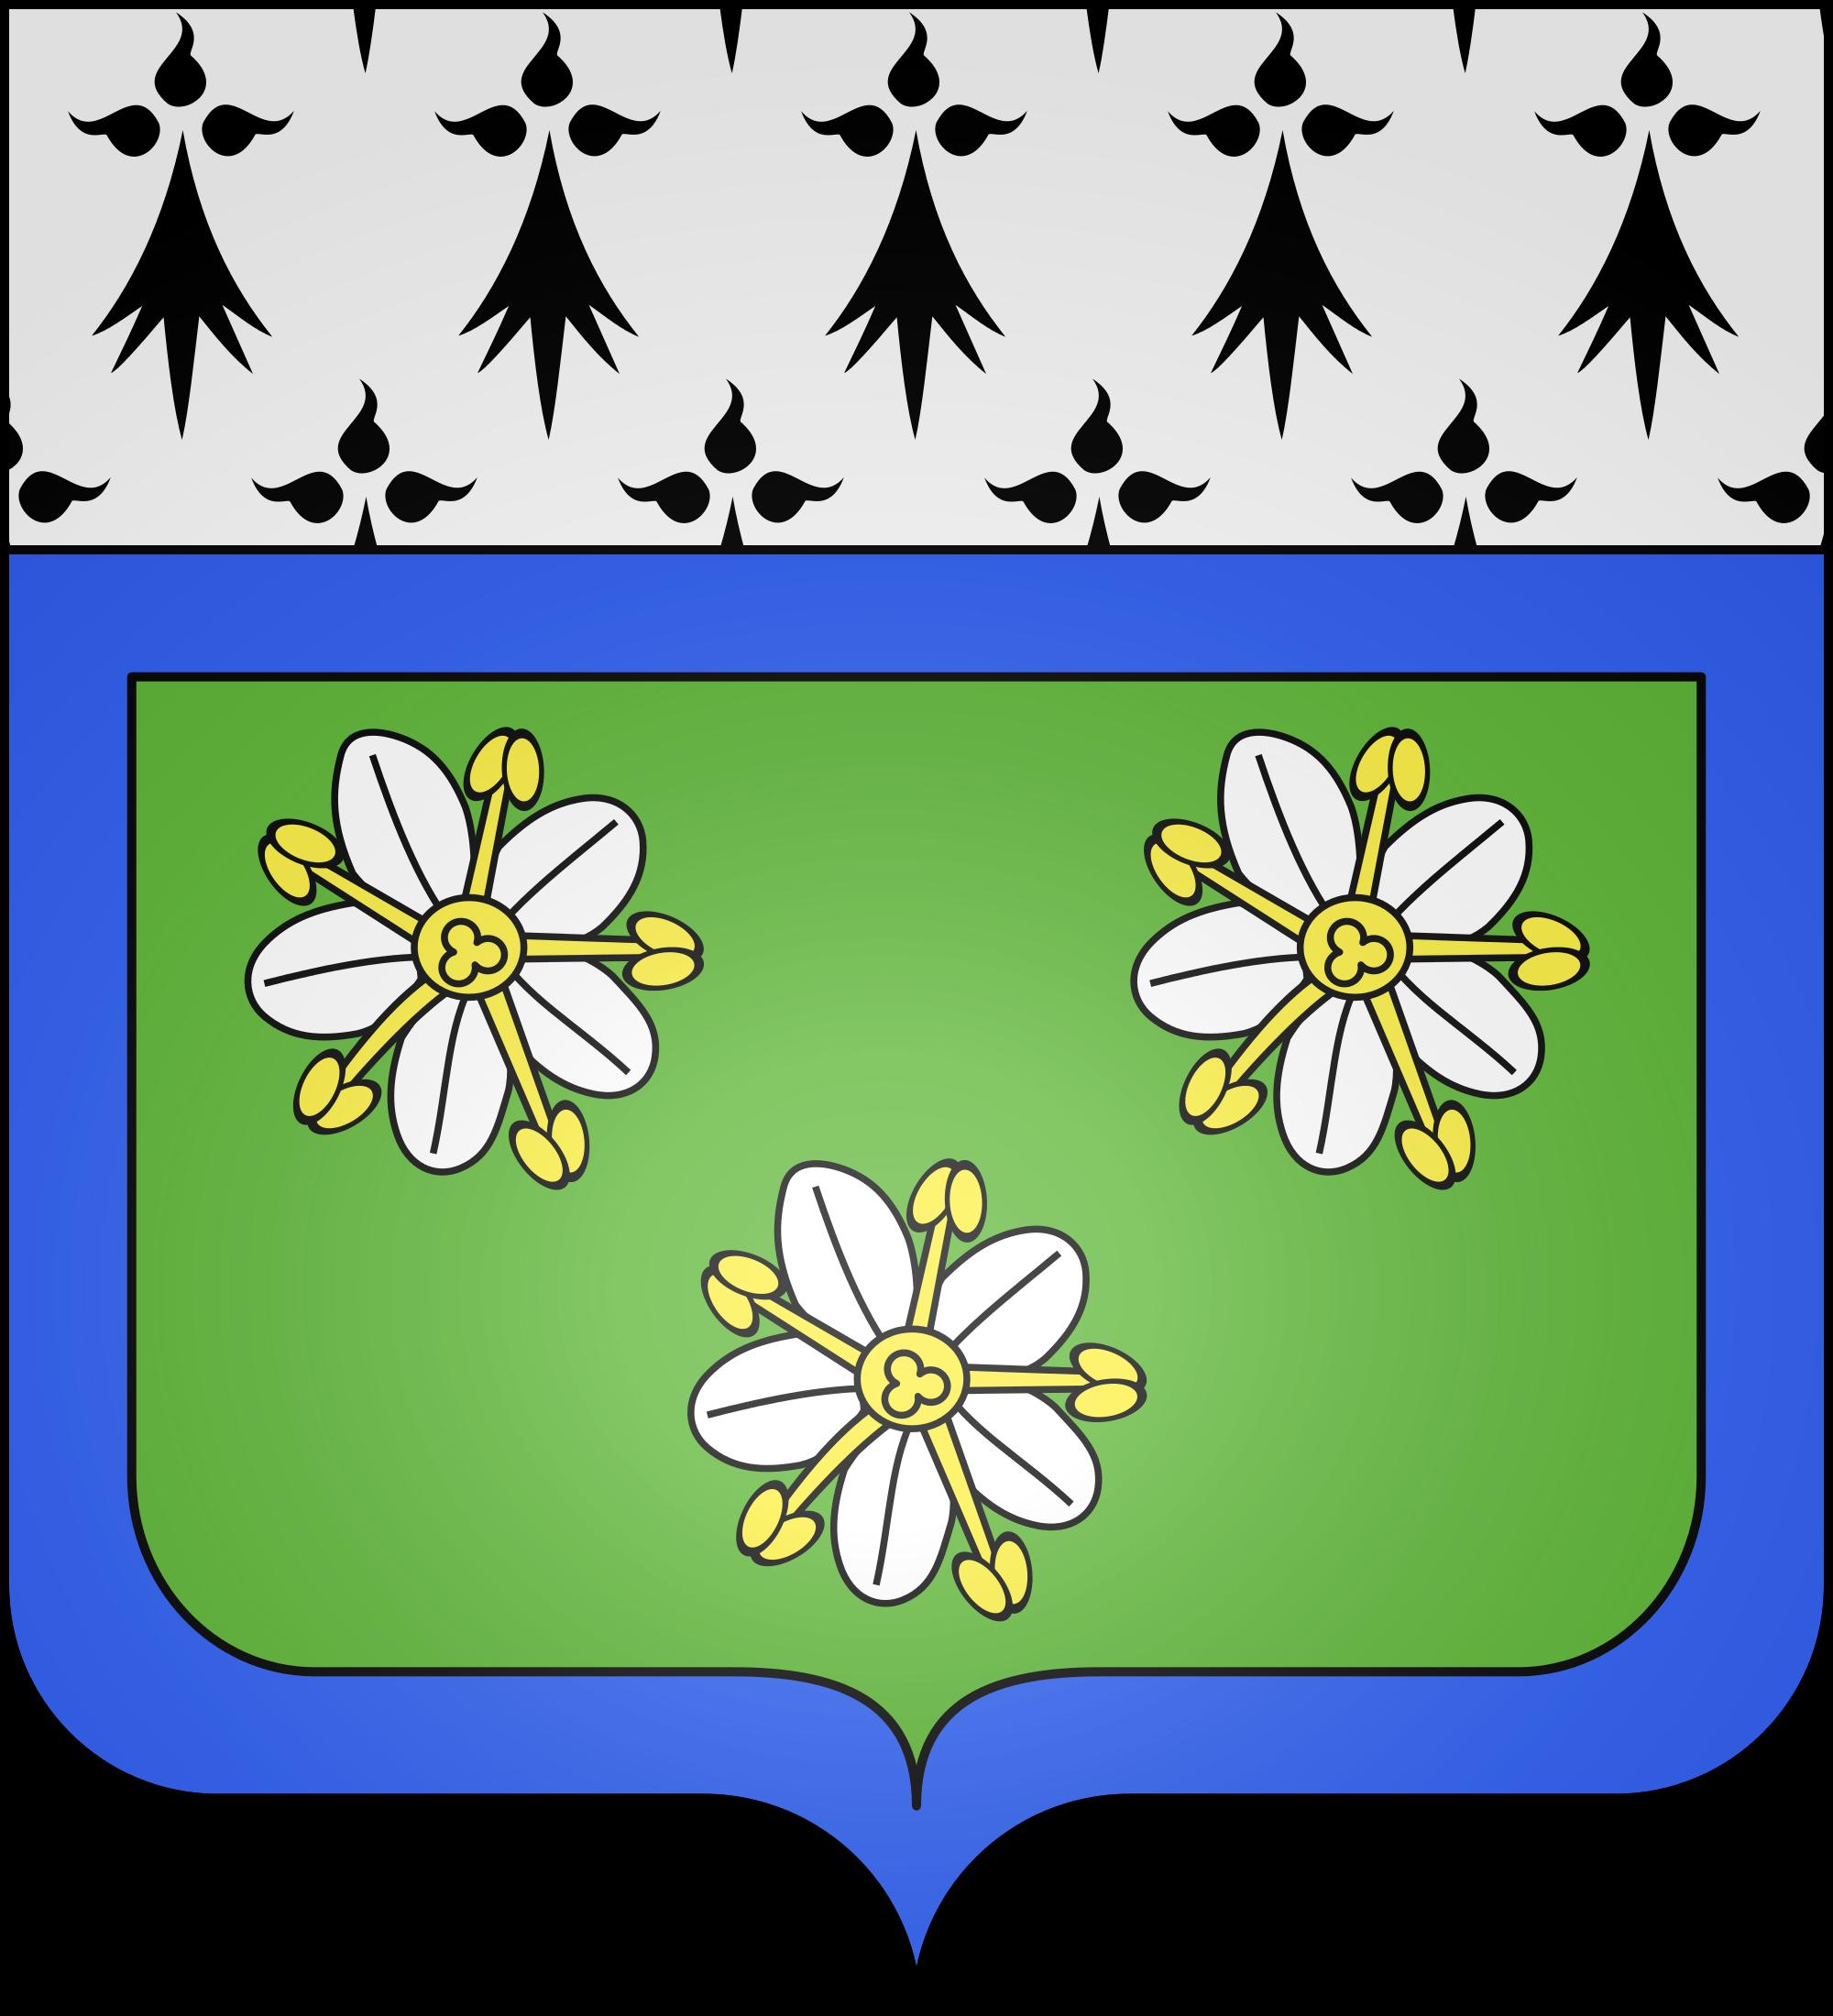 File:Blason de la ville de Squiffiec (Côtes.